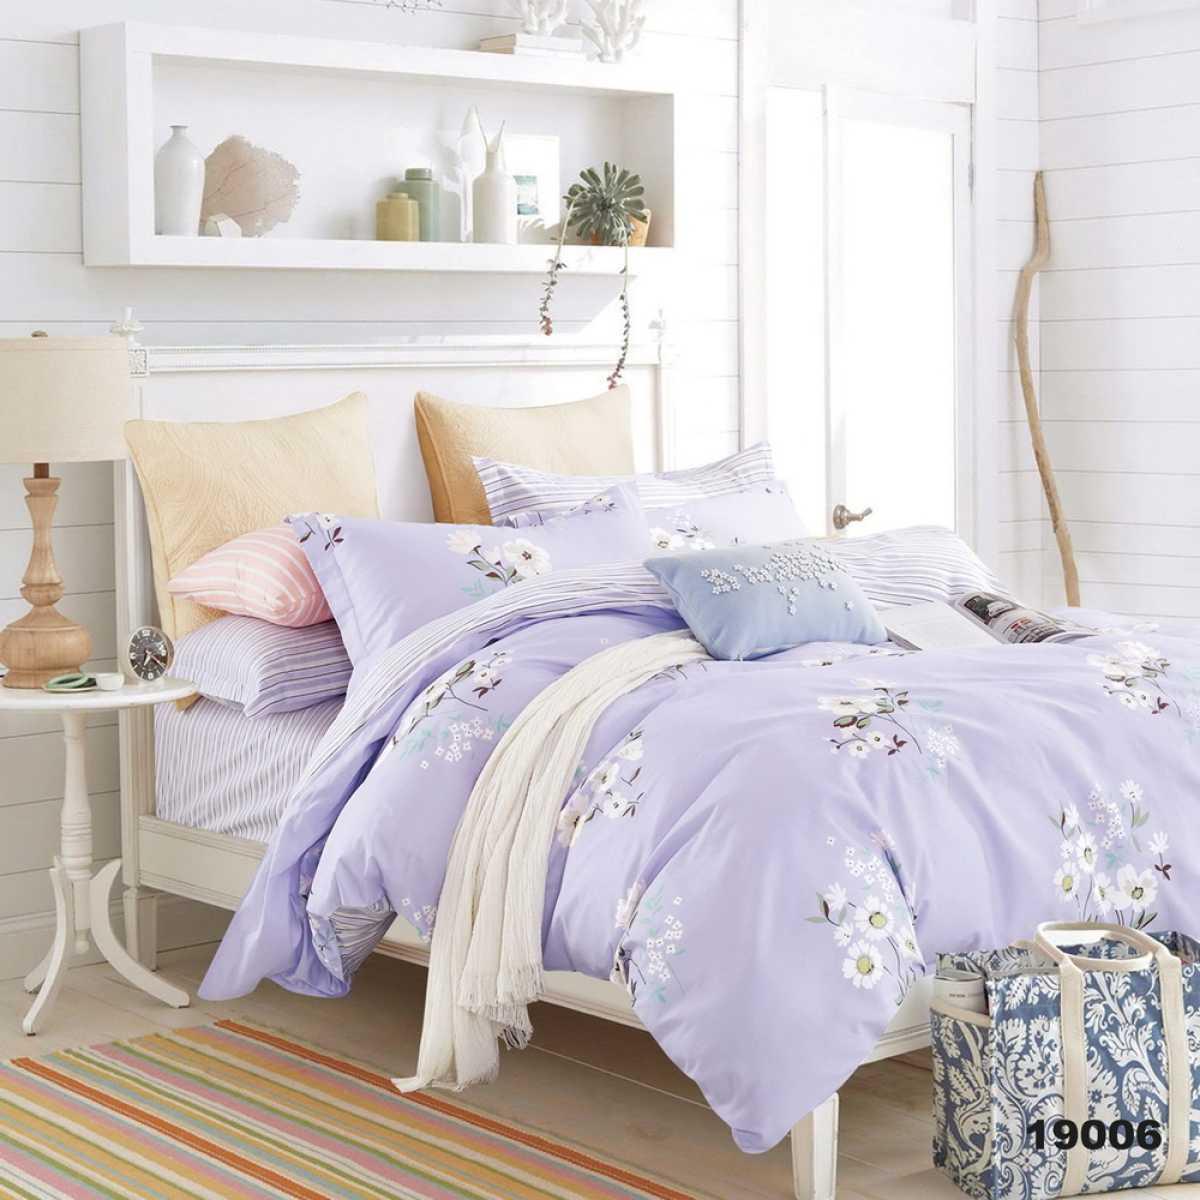 Полуторное постельное белье Вилюта 19006 ранфорс